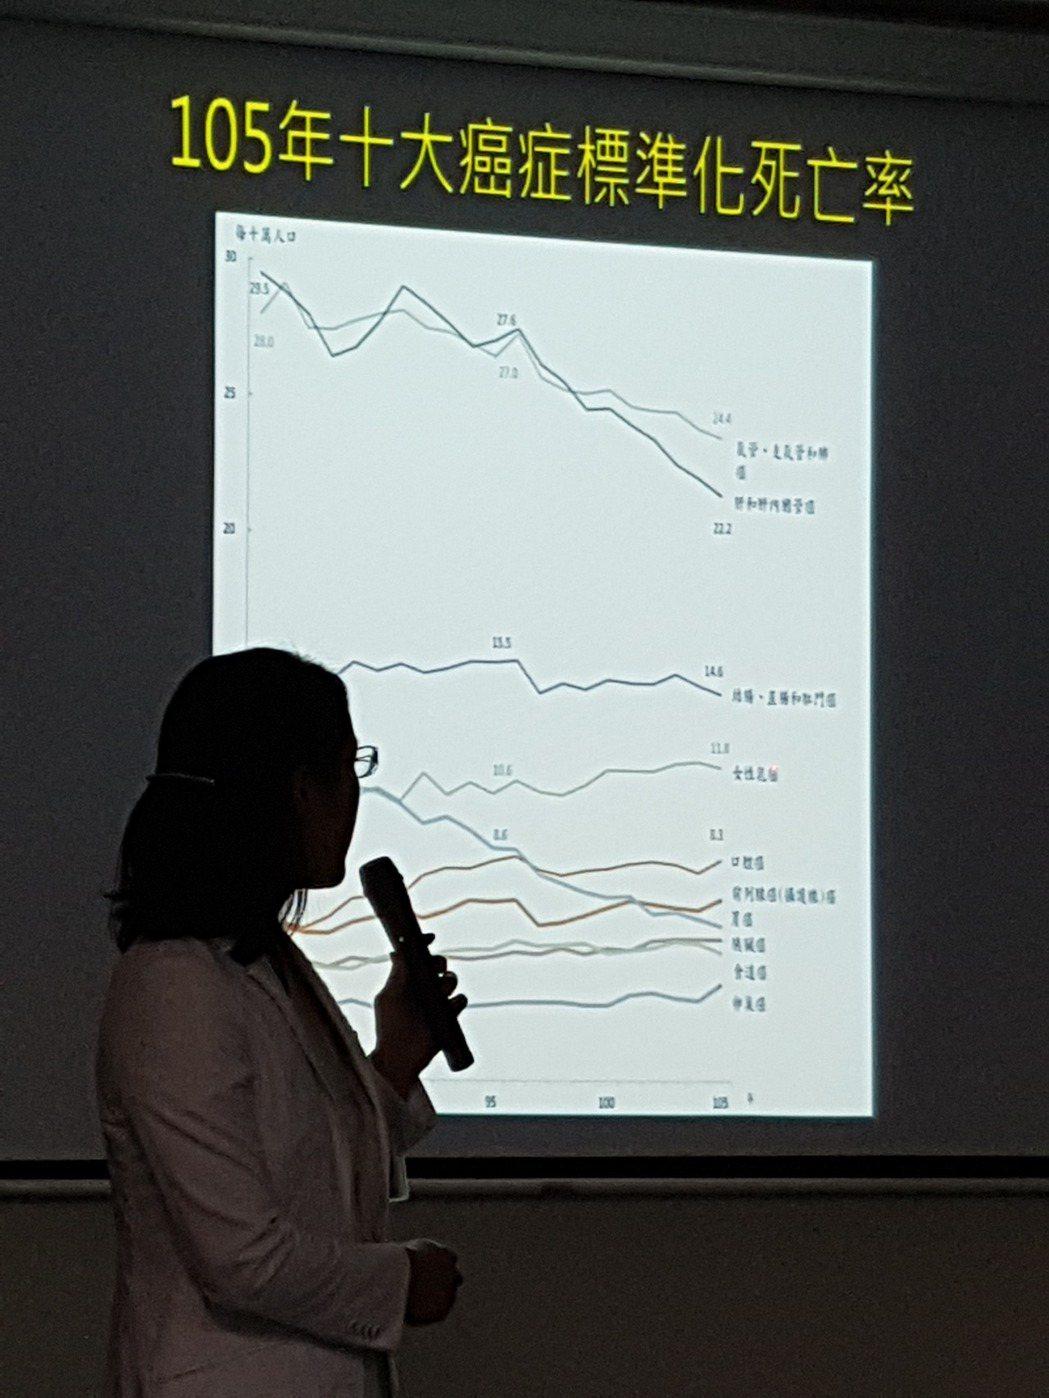 卵巢癌去年首度進入國人十大癌症死因,讓人談之色變 記者修瑞瑩/攝影